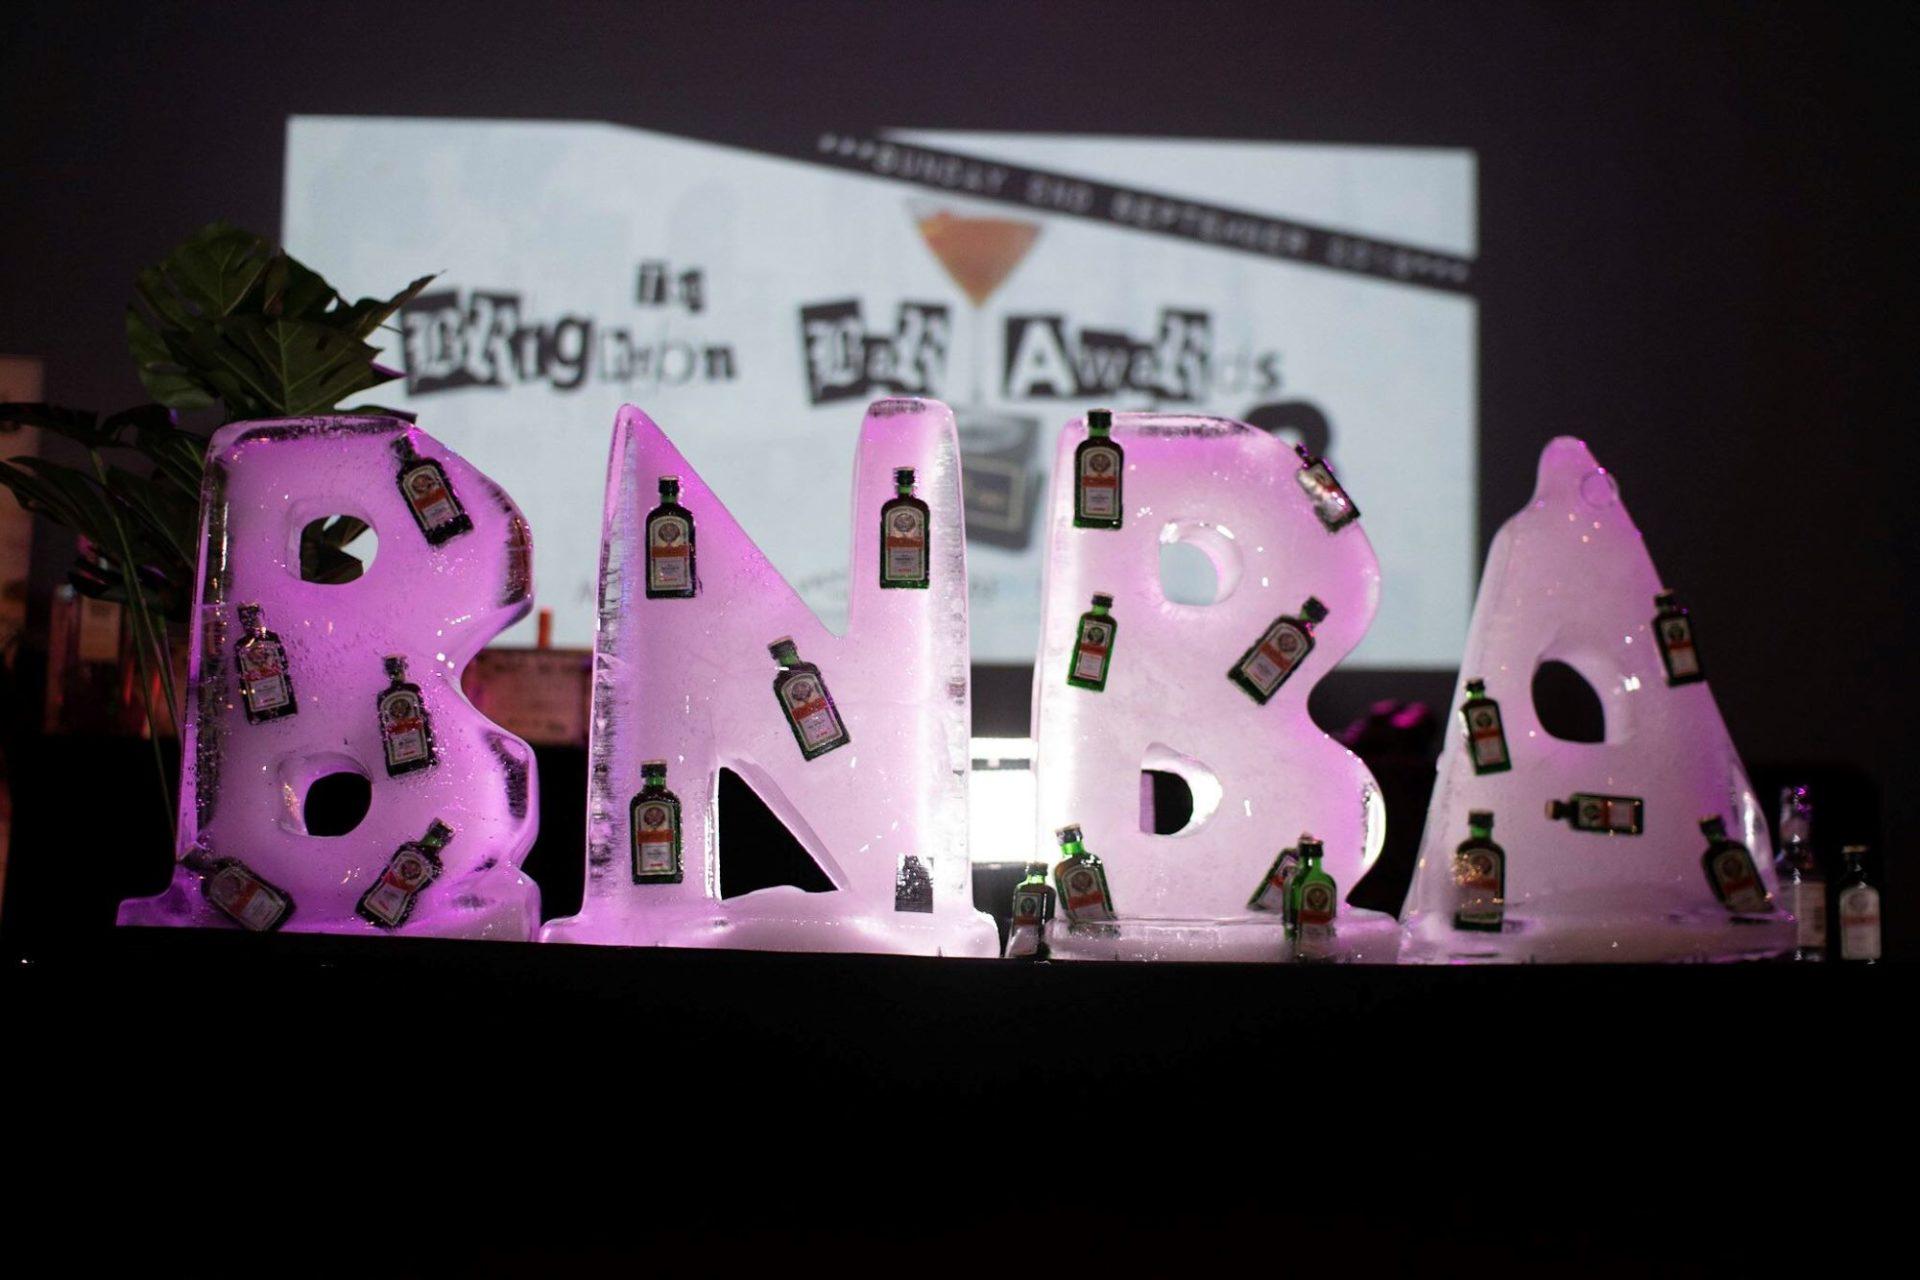 Brighton Bar Awards